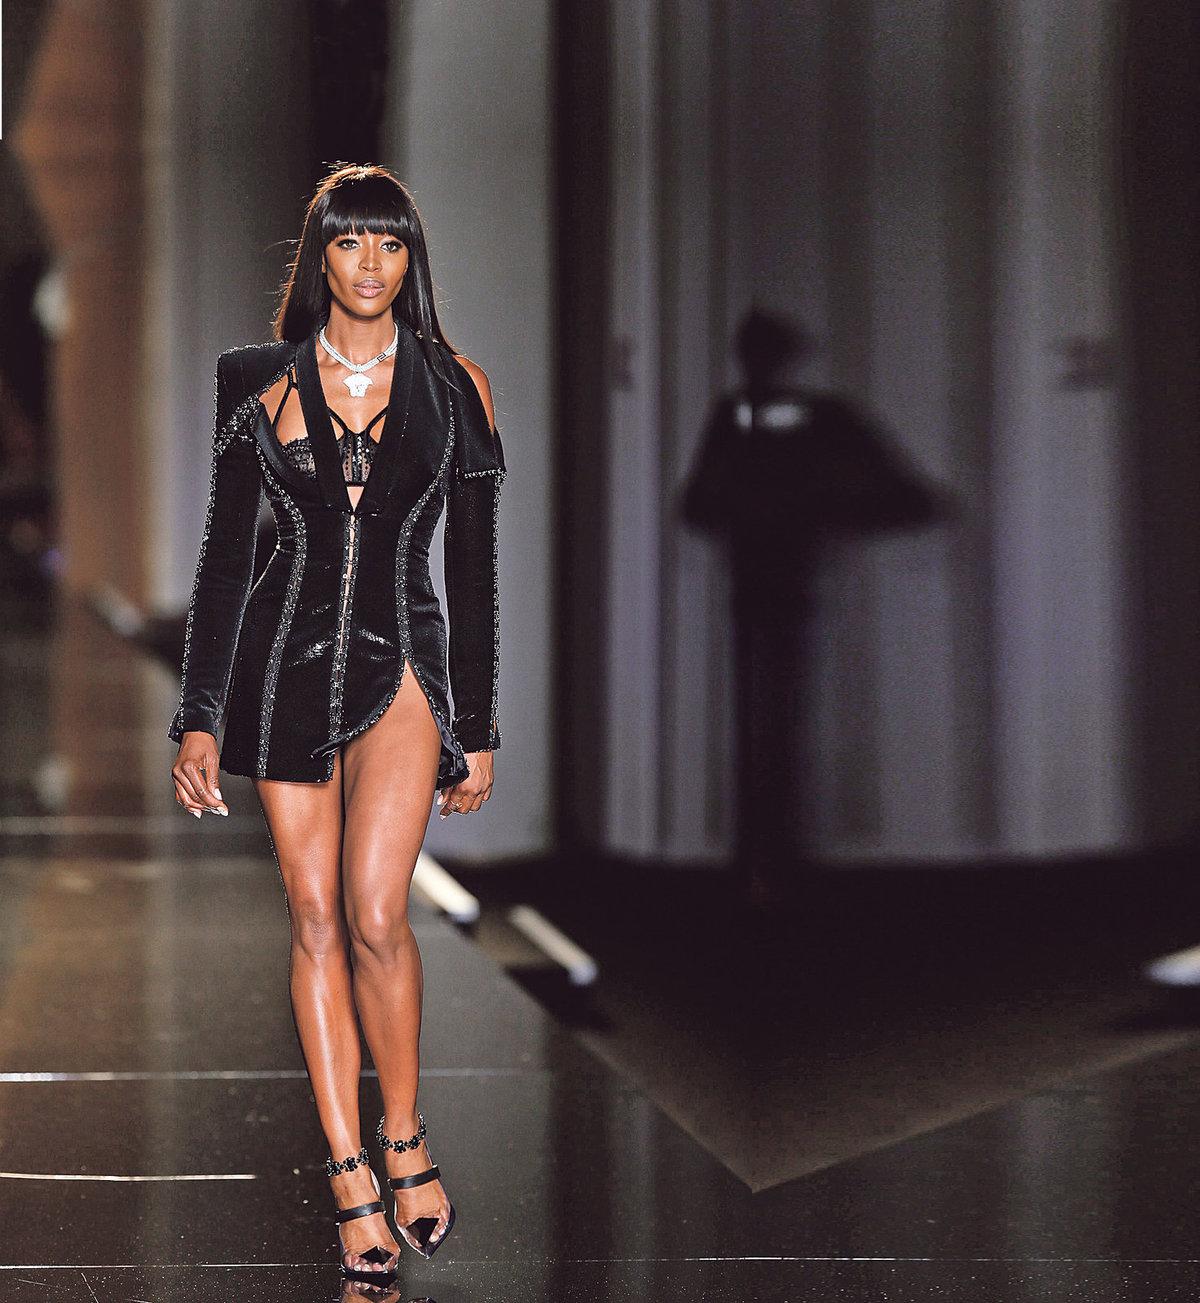 Okouzlující supermodelka Naomi Campbell byla hlavní hvězdou přehlídky Versaceho (2013)